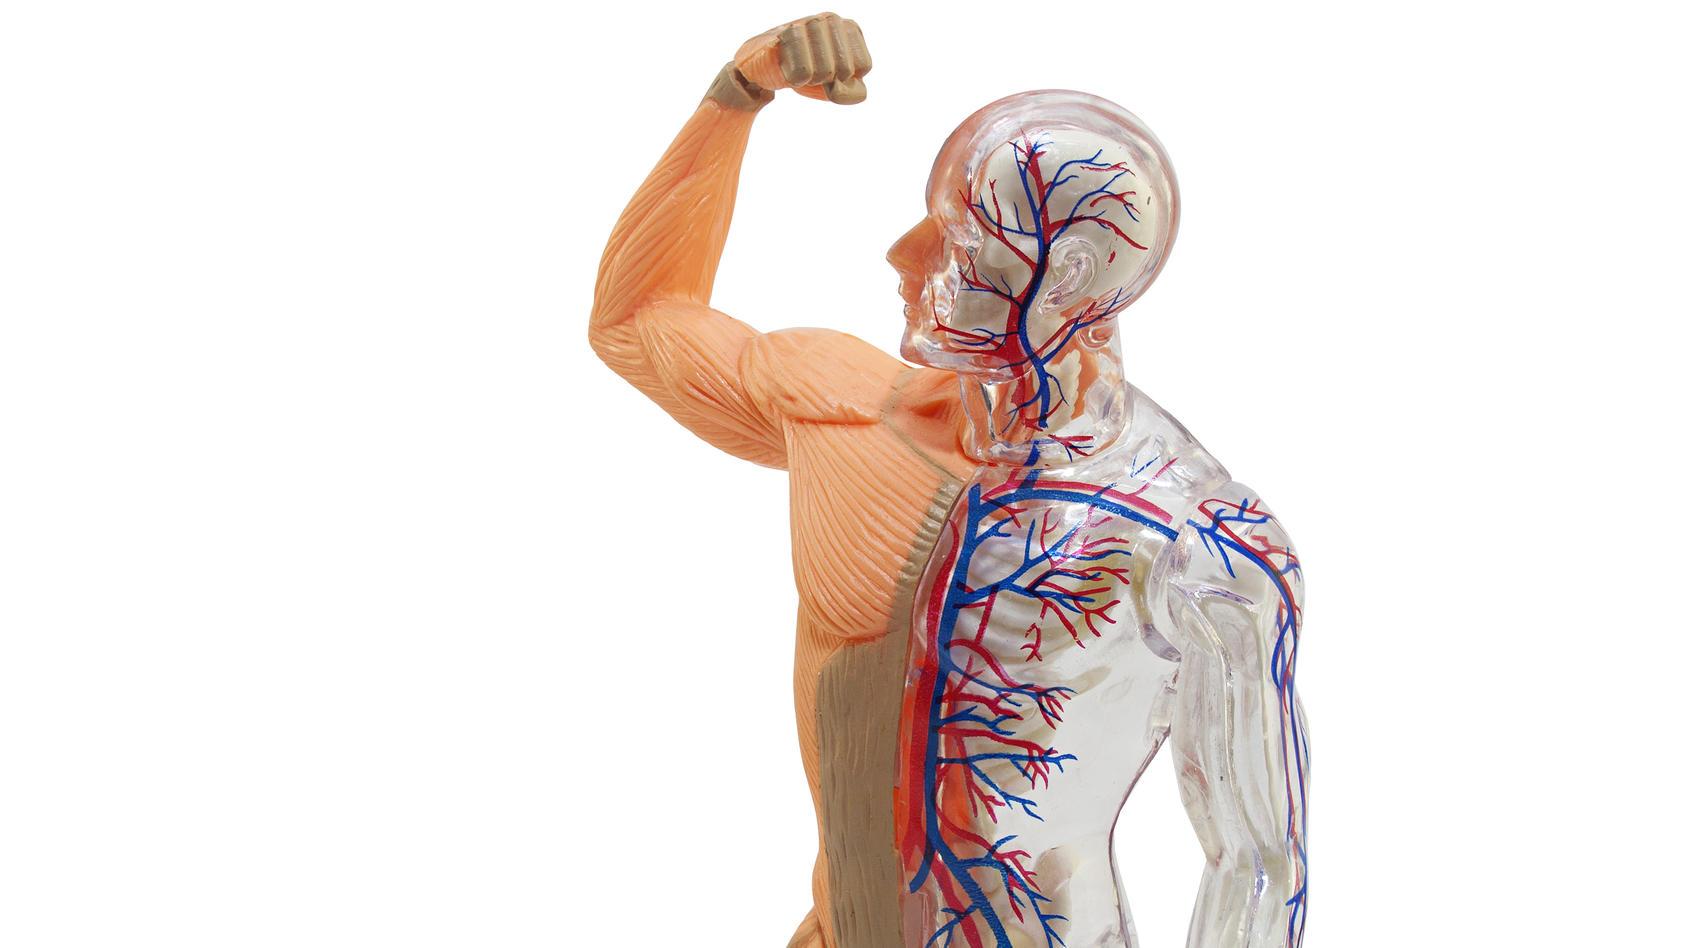 Die Homöostase bezeichnet ein System, das bestimmte Werte konstant, oder zumindest in zulässigen Grenzen hält.